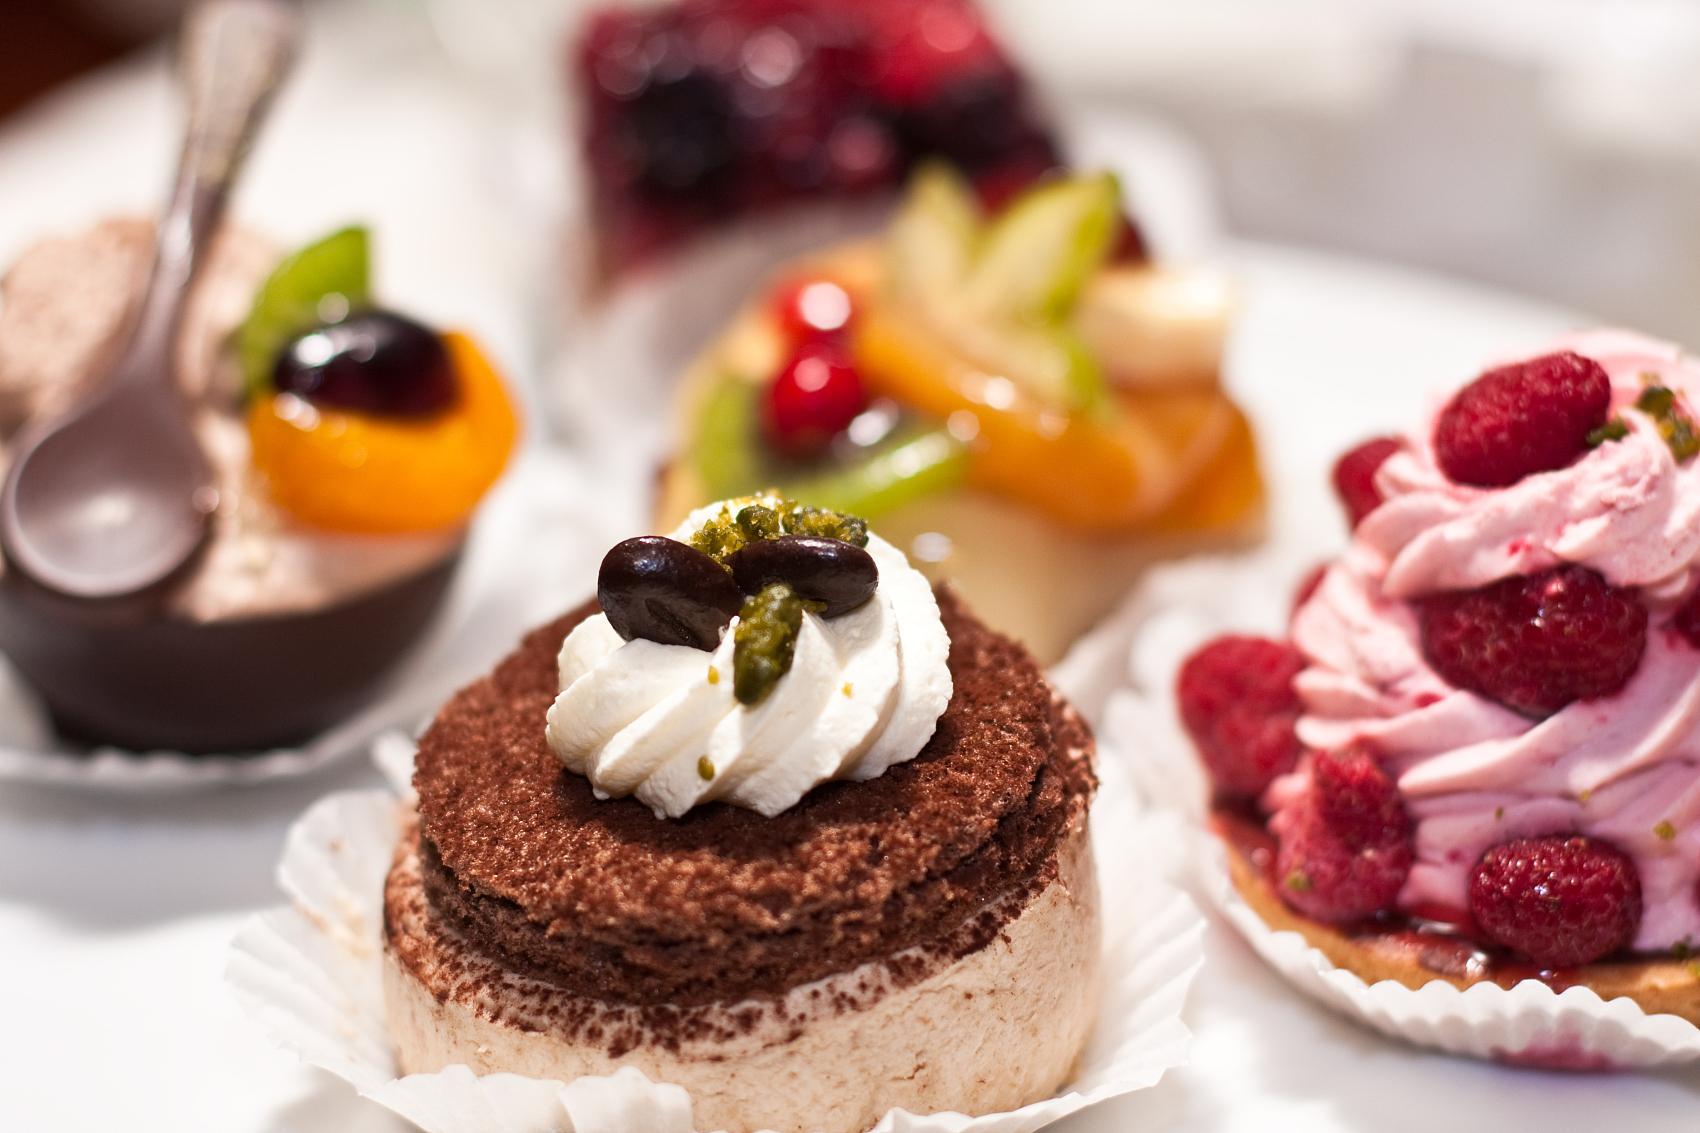 网上名人蛋糕店《奔跑》 有多少互联网烘焙品牌在流通资金?